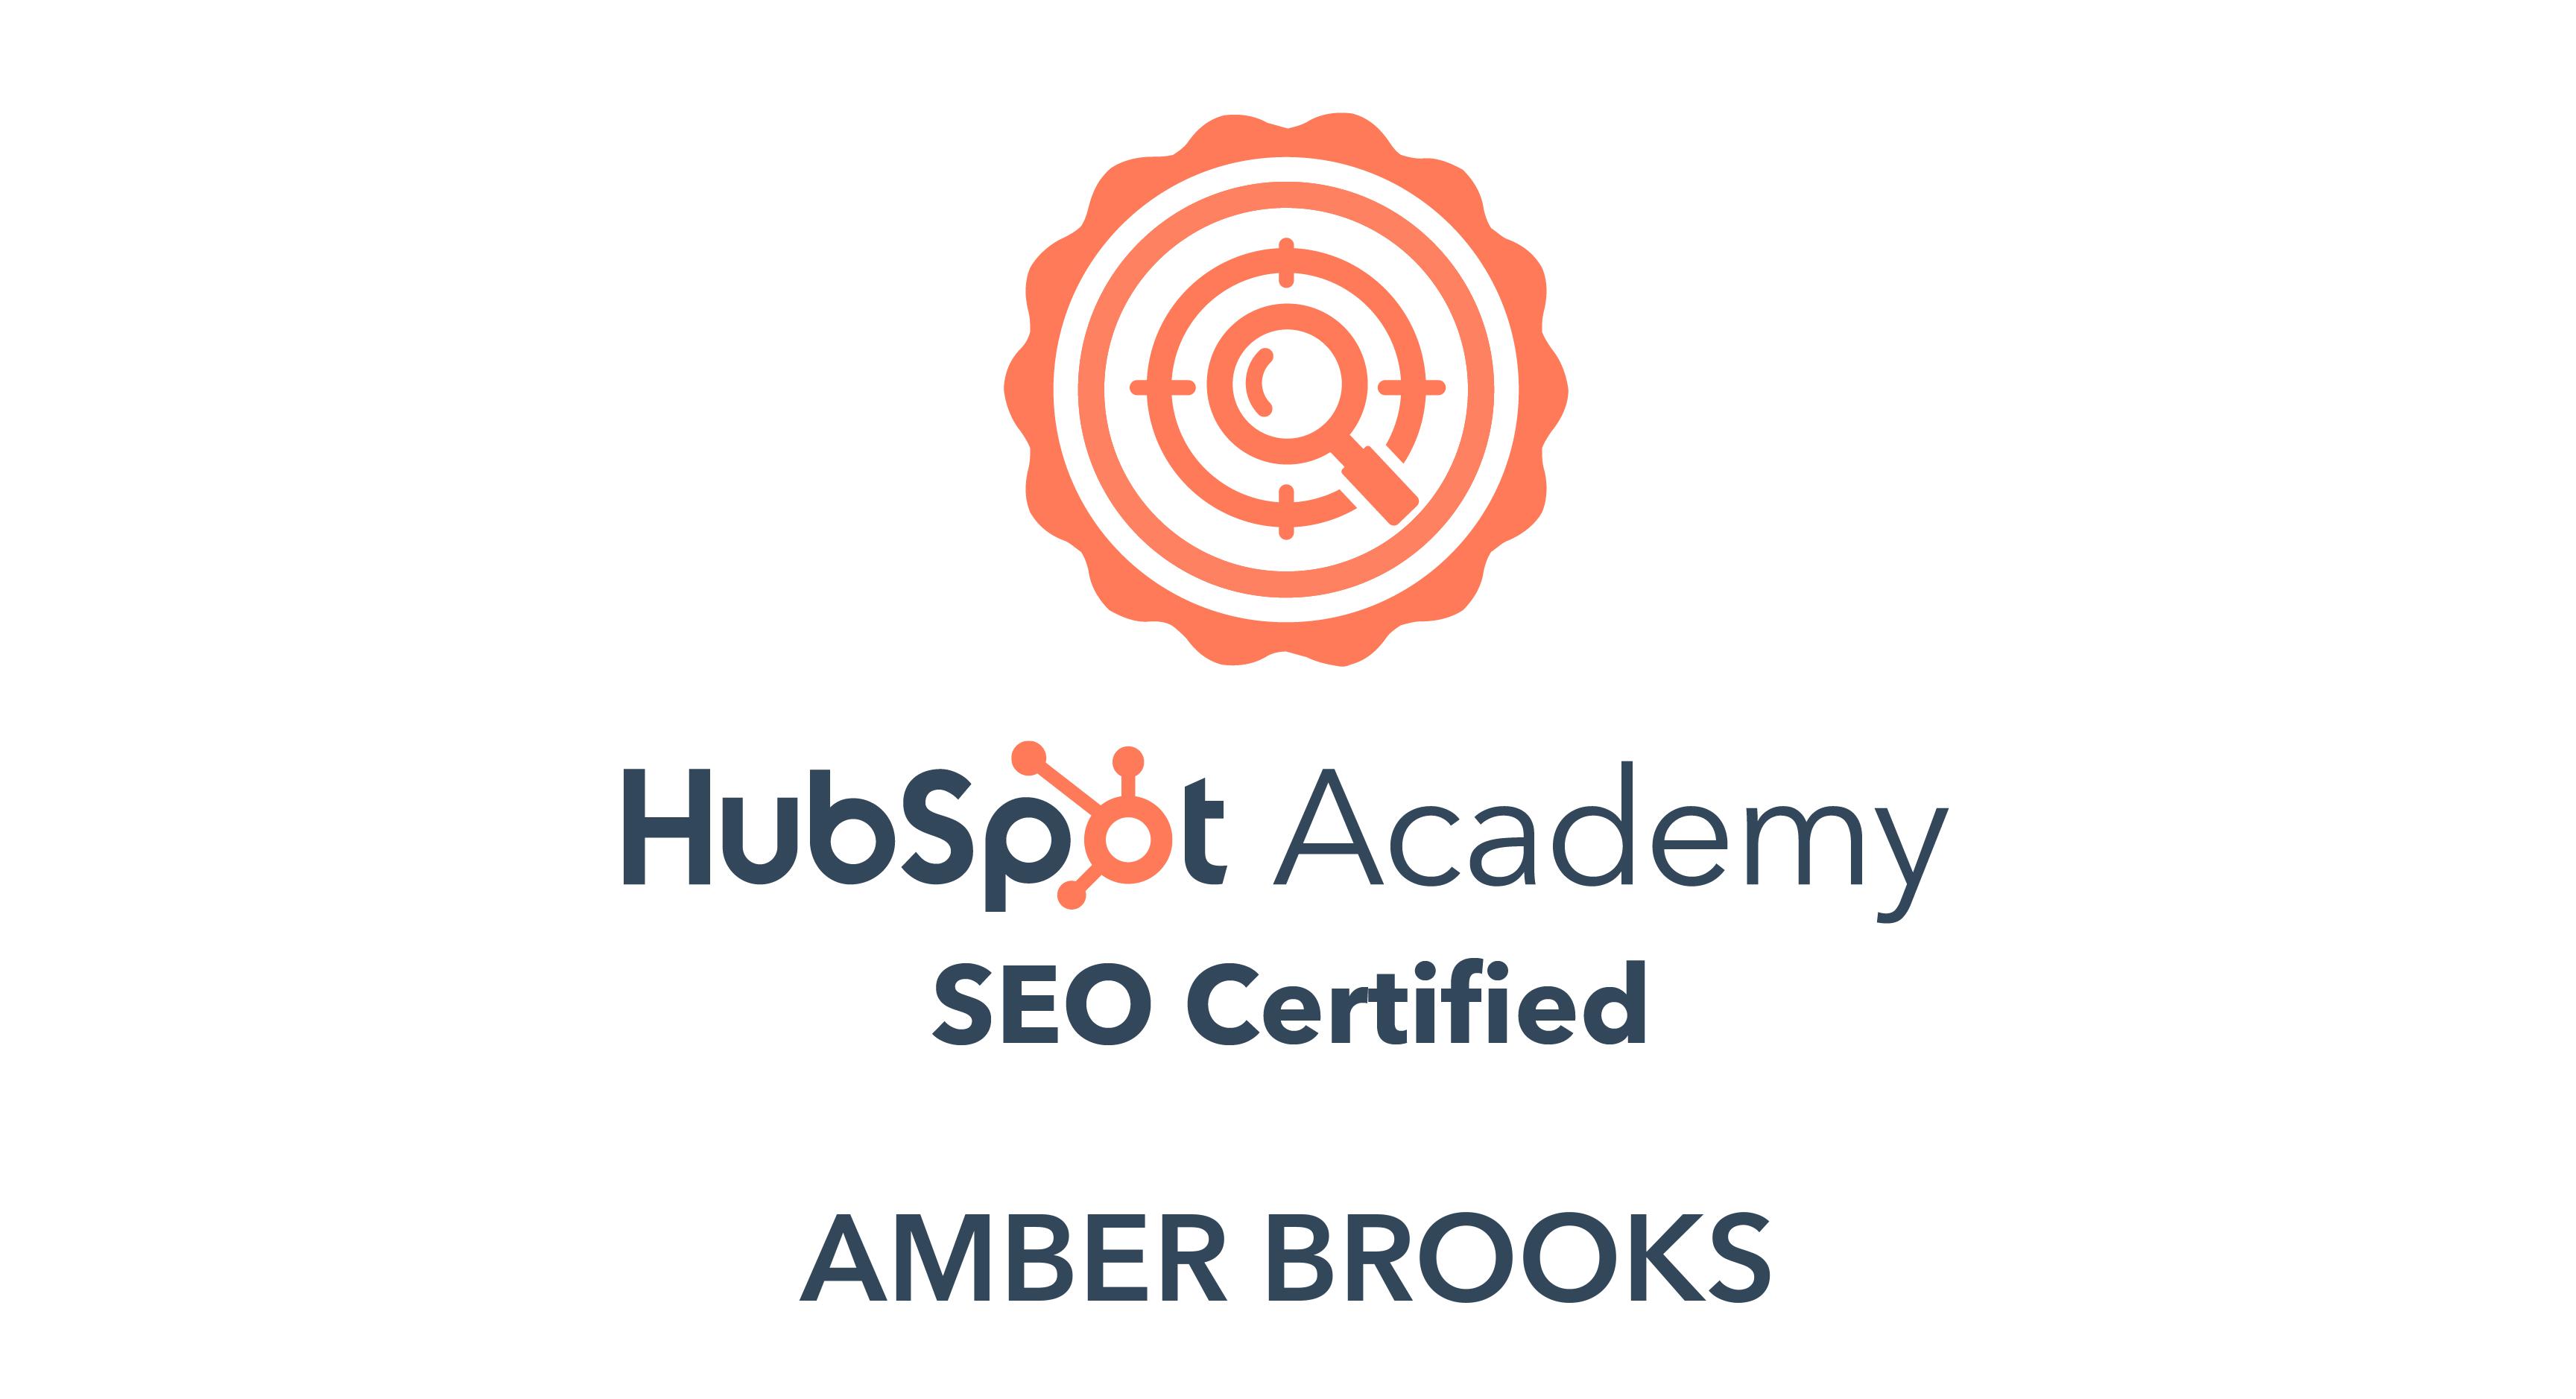 HubSpot SEO certification